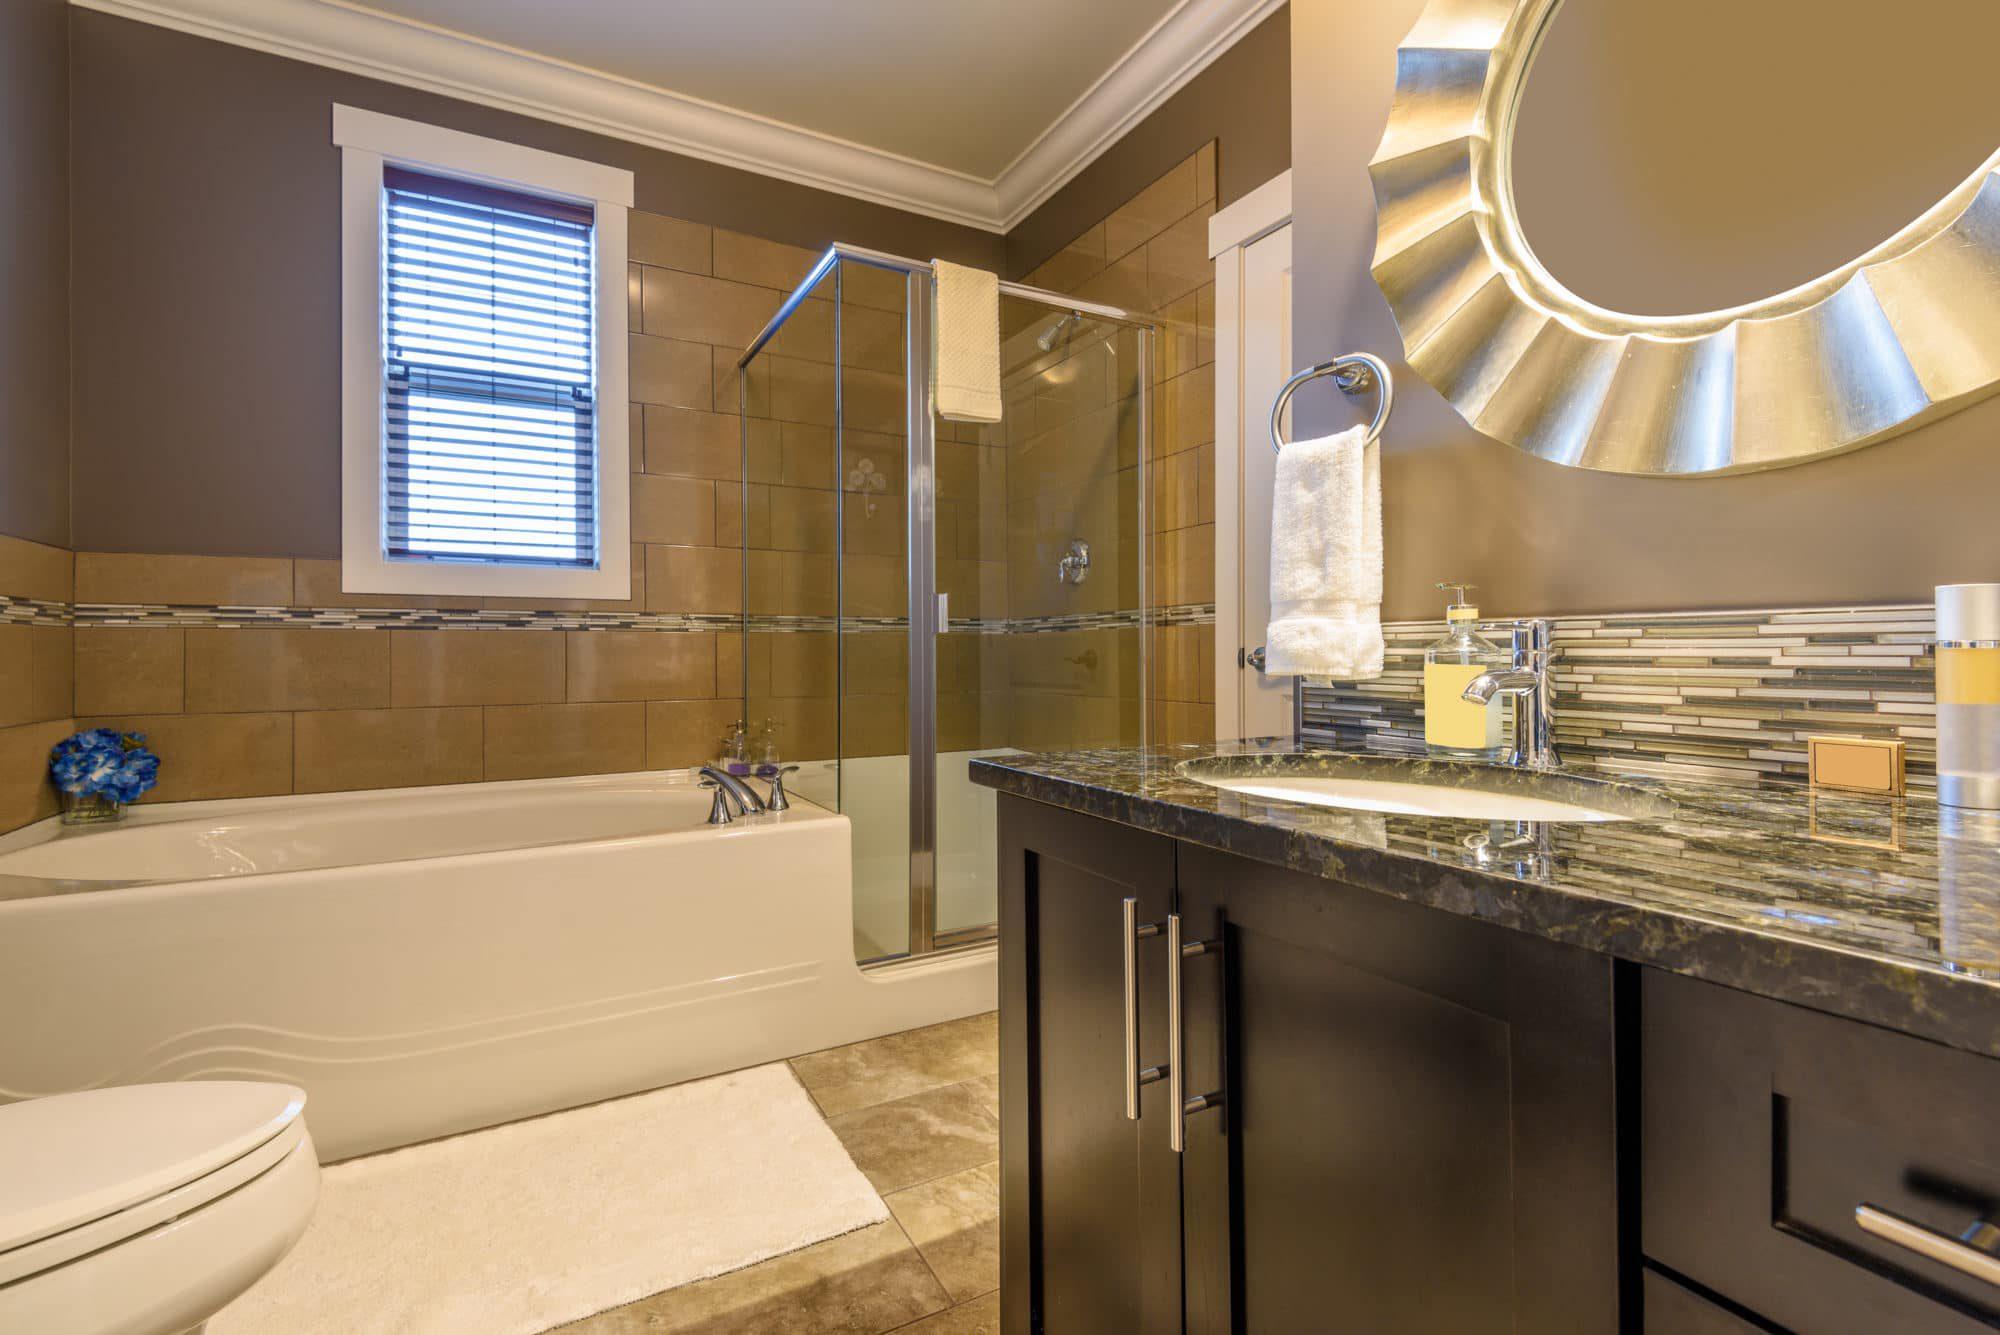 Bathroom Fixtures  Sierra Remodeling